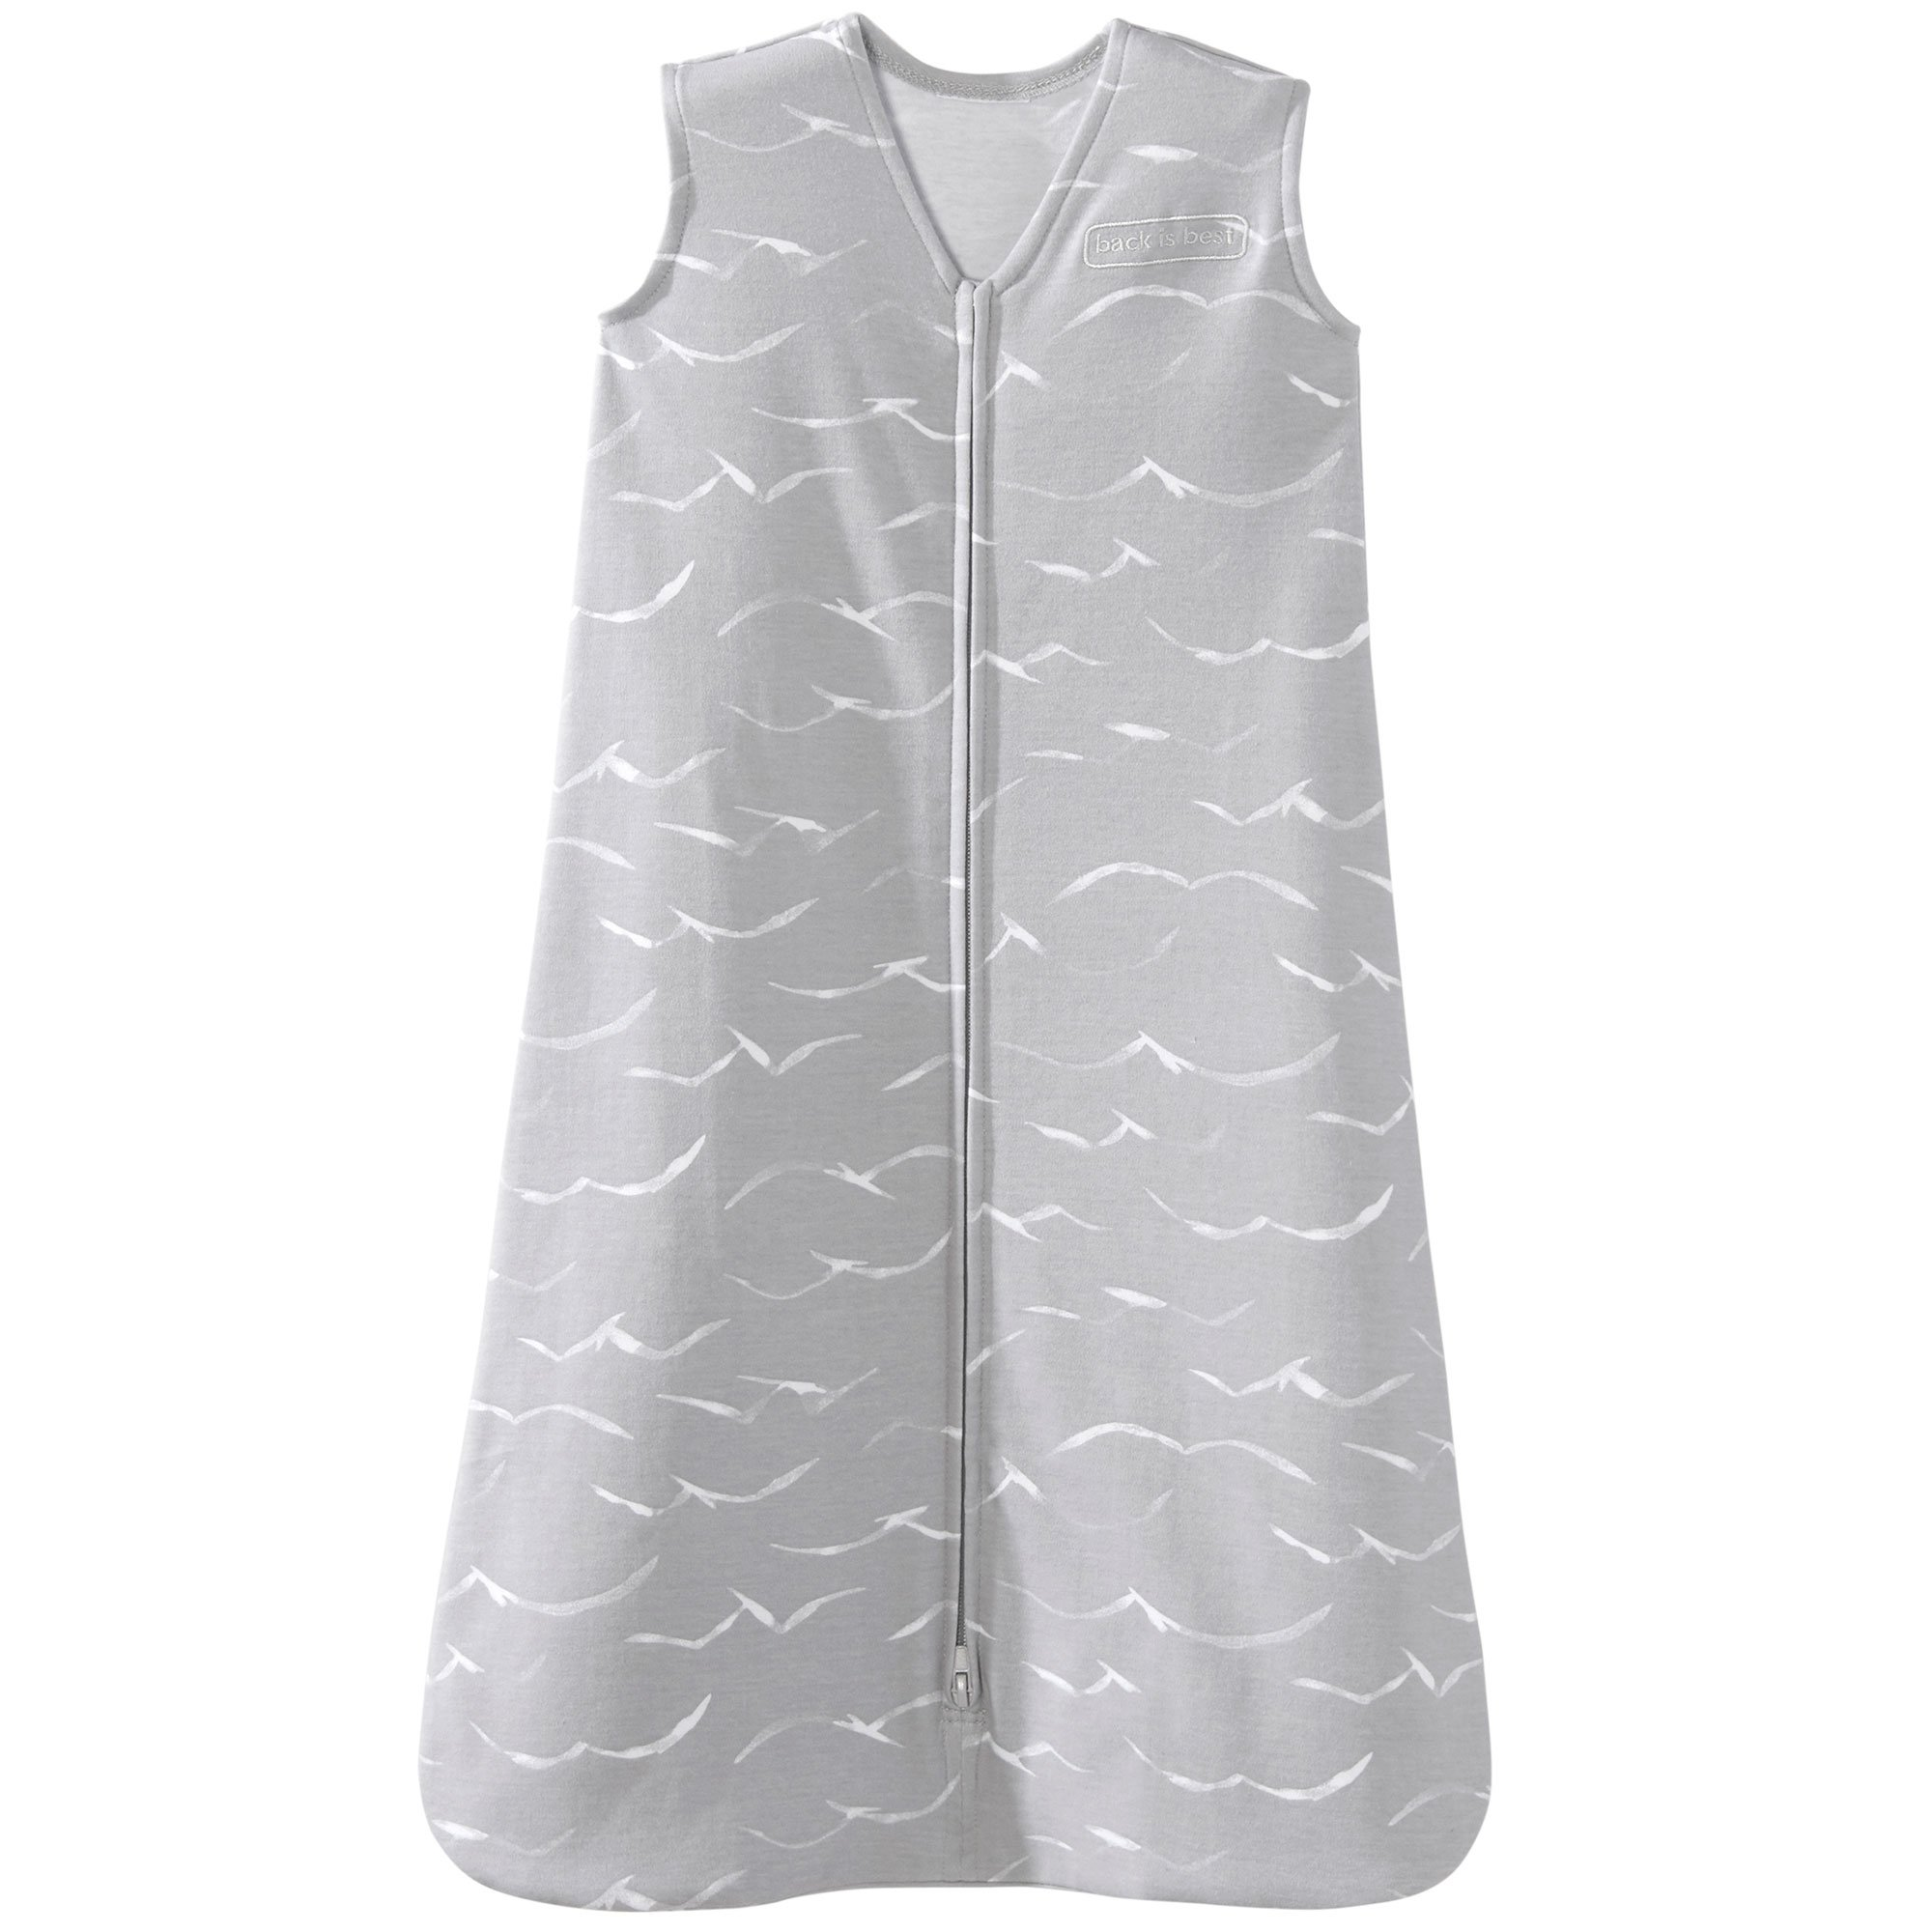 Halo 100% Cotton Sleepsack Wearable Blanket, Grey